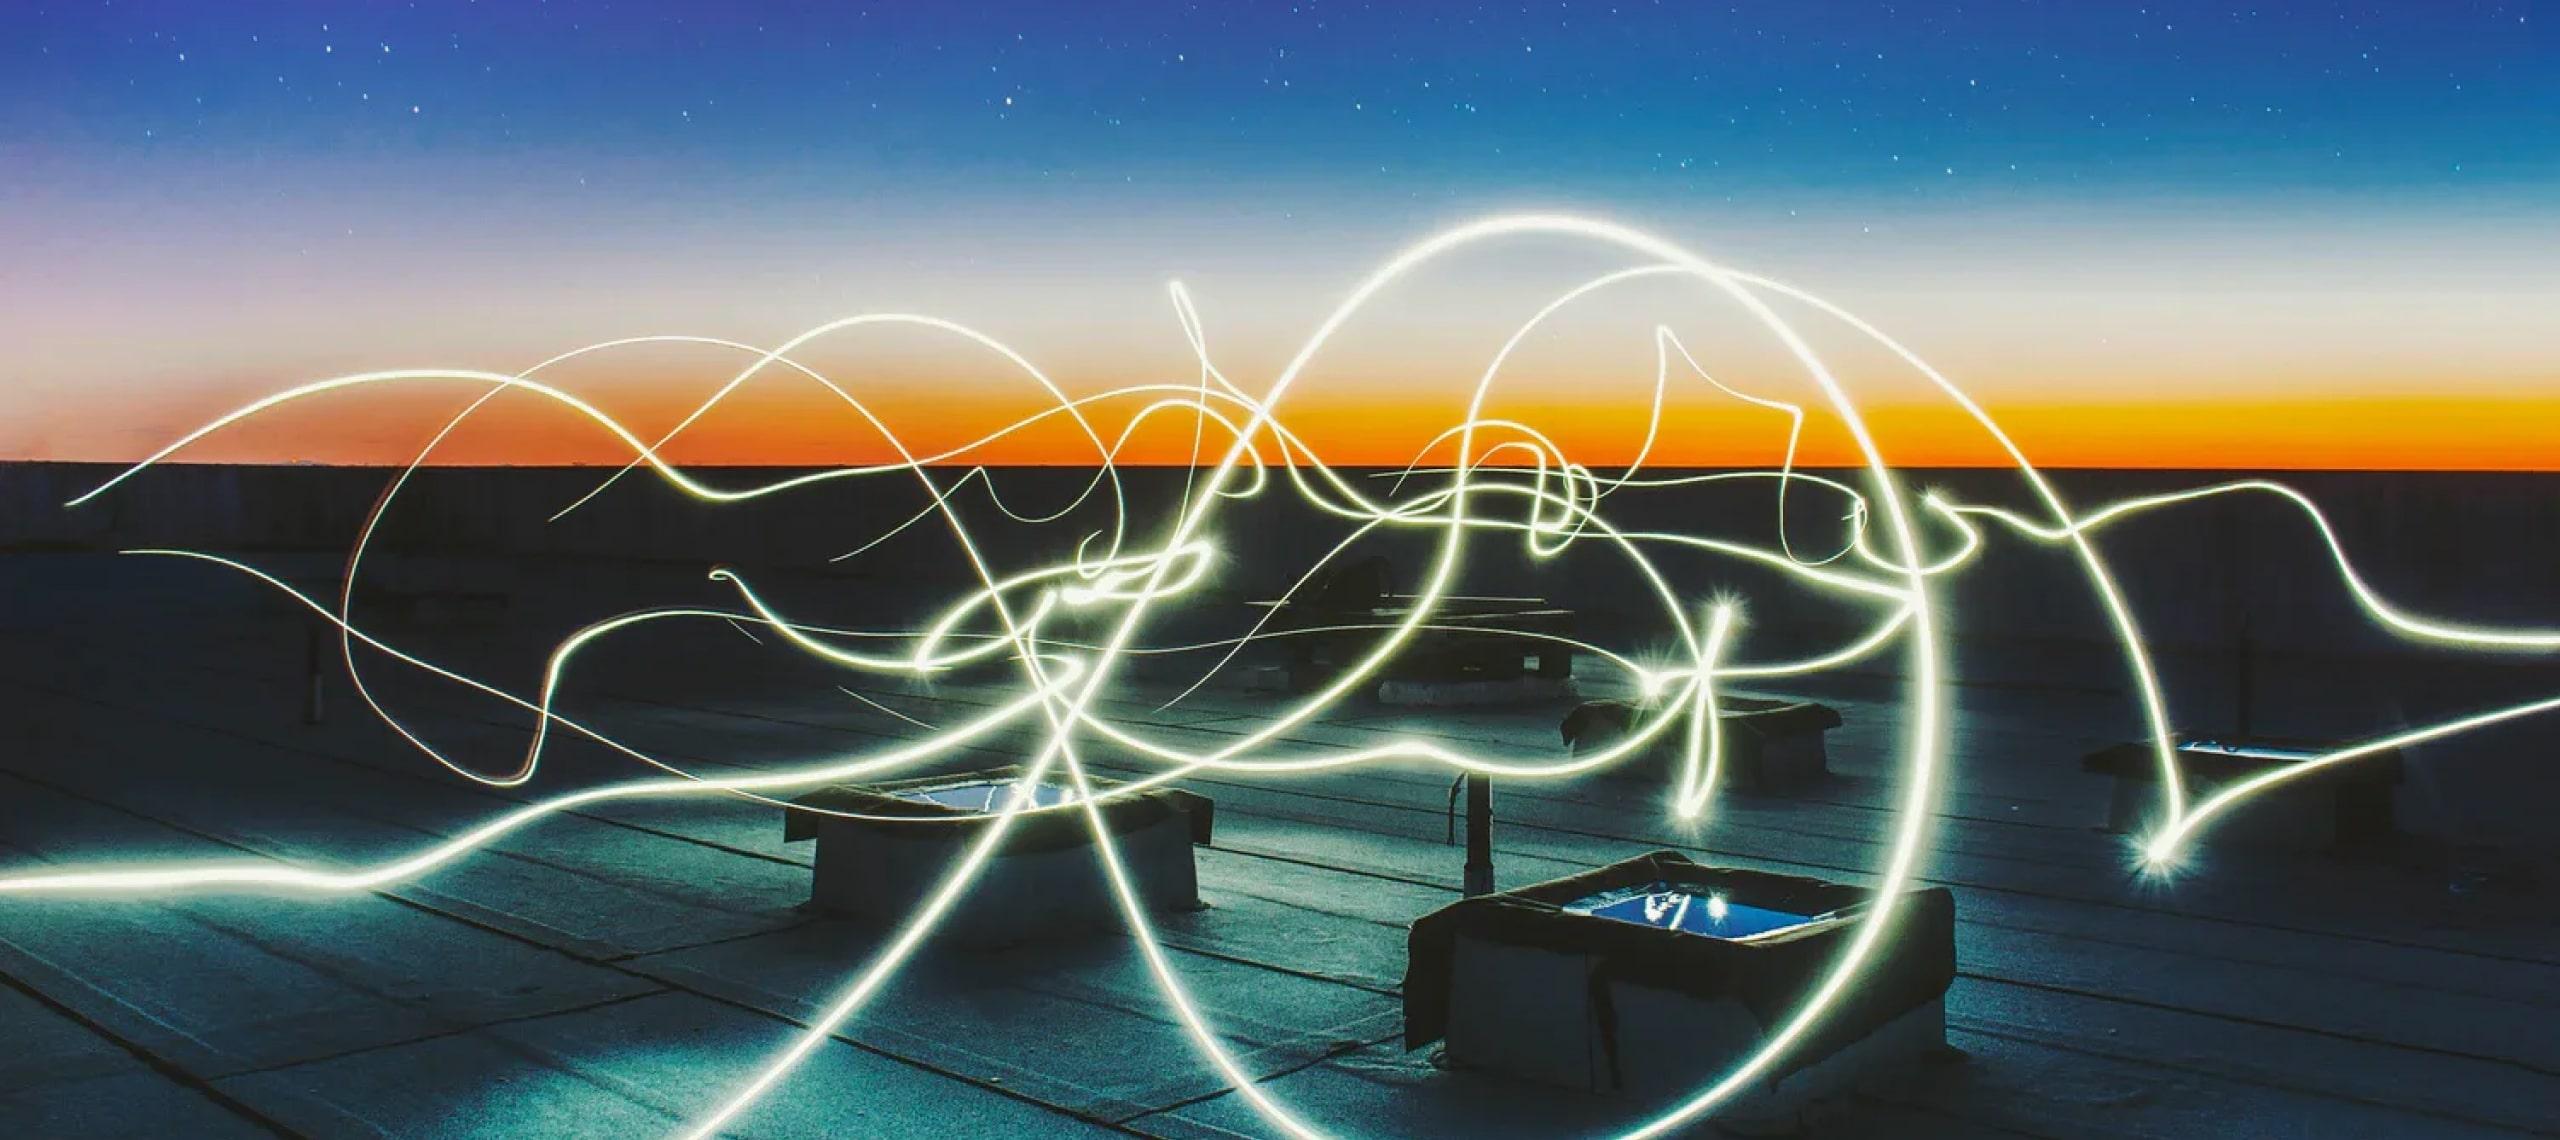 L'AI applicata al settore energetico: rispondere ai propri clienti 24/7